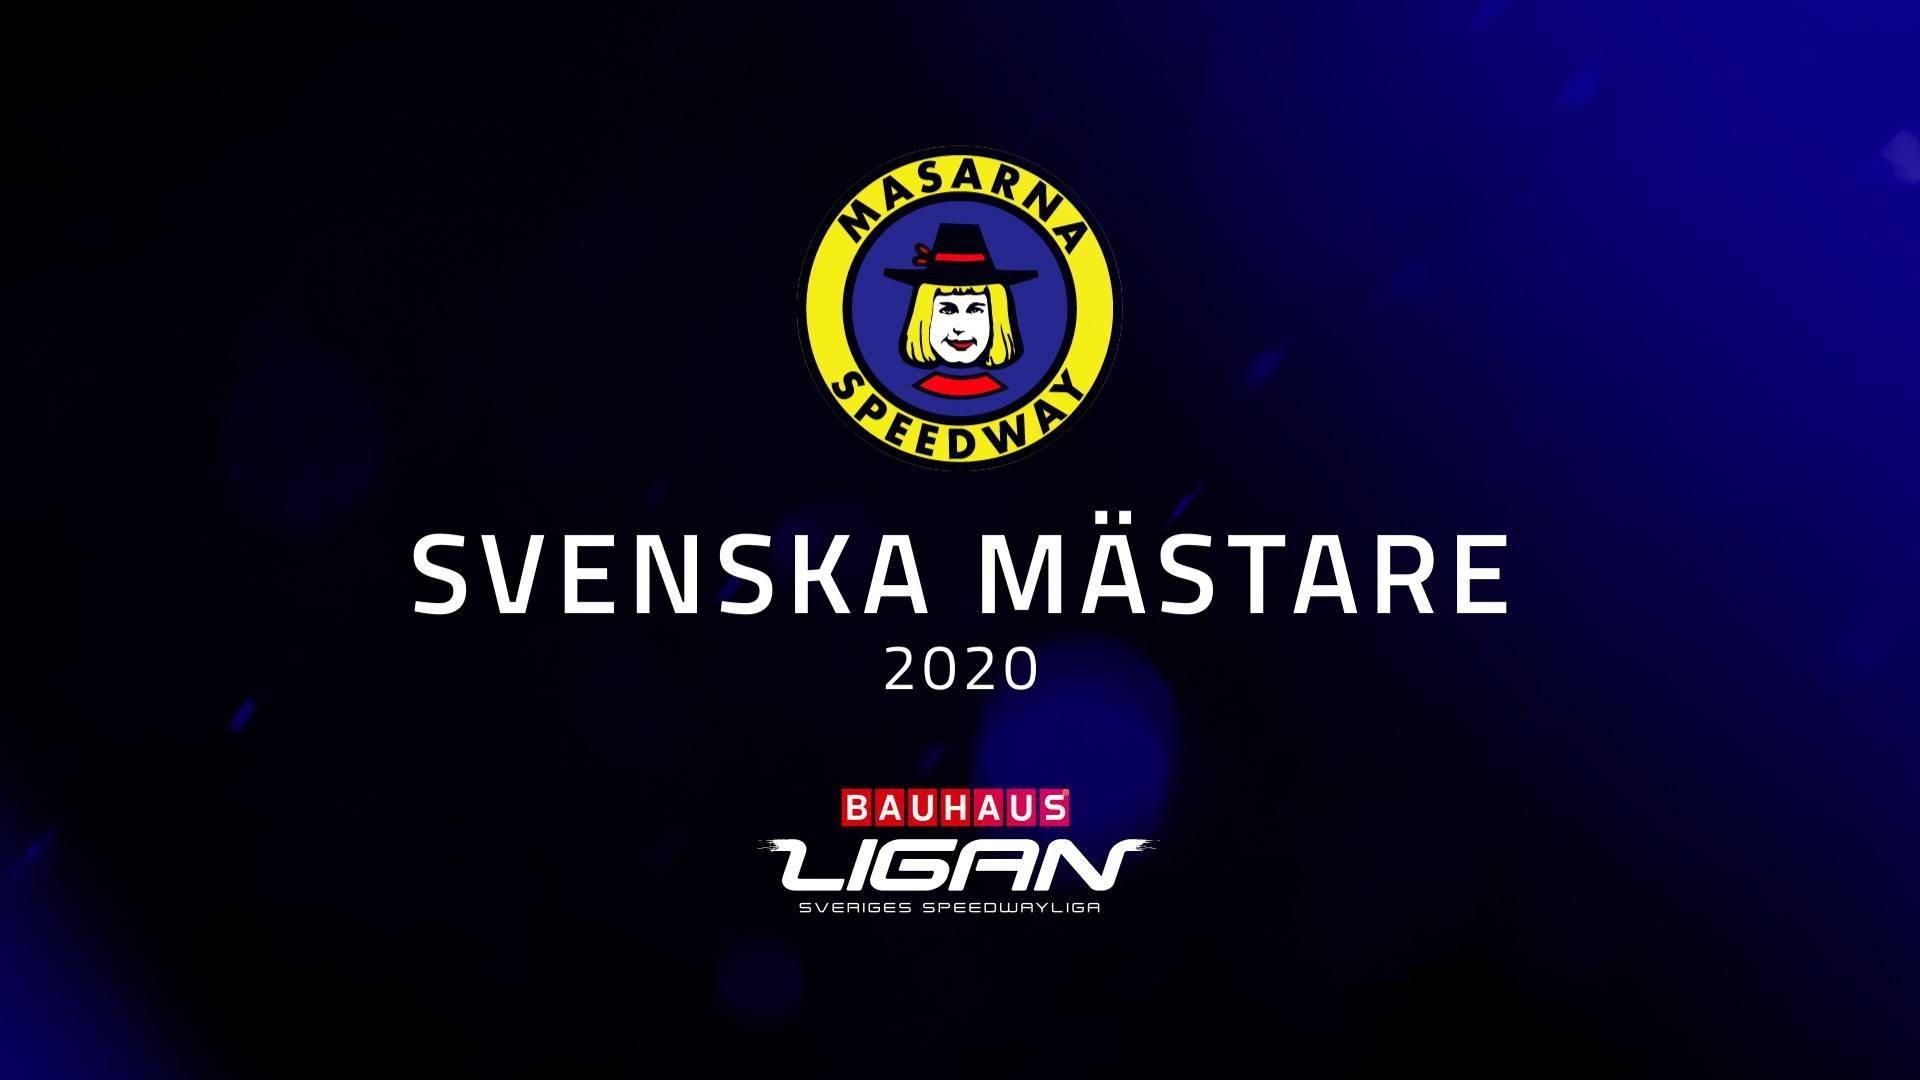 Masarna SM-guld 2020